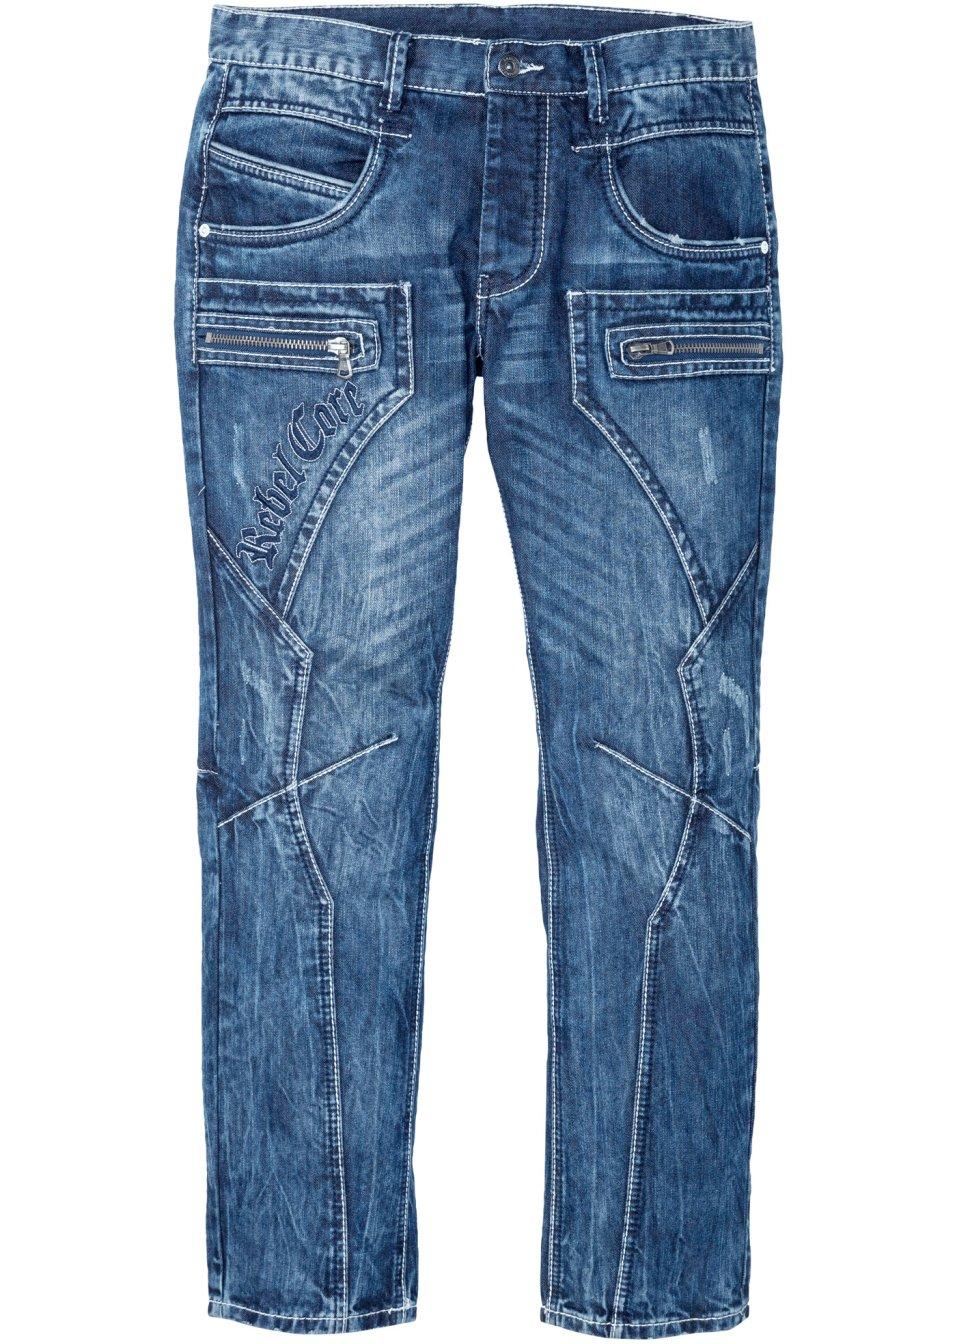 Ausgefallene Jeans mit Naht- und Stickereidetails - blue Länge 32 uIPjs QQXdQ